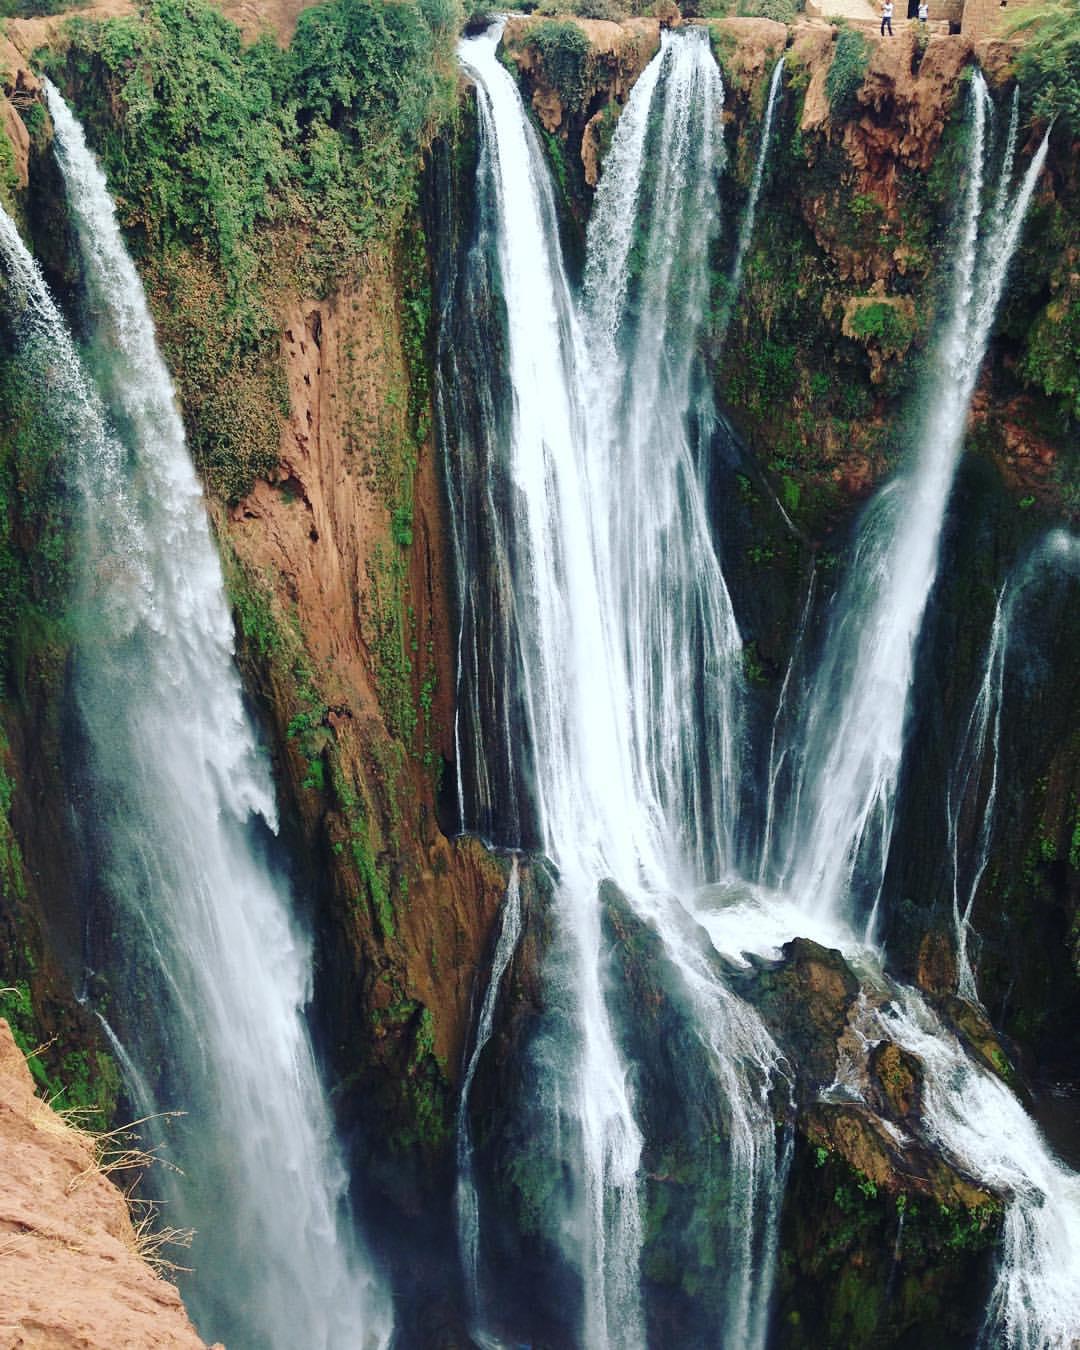 Cascade D'Ouzound - #Morocco 😱 #AtlasMountains #Atlas #Africa 💚💙💚💙💚💙💚💙💚💙💚